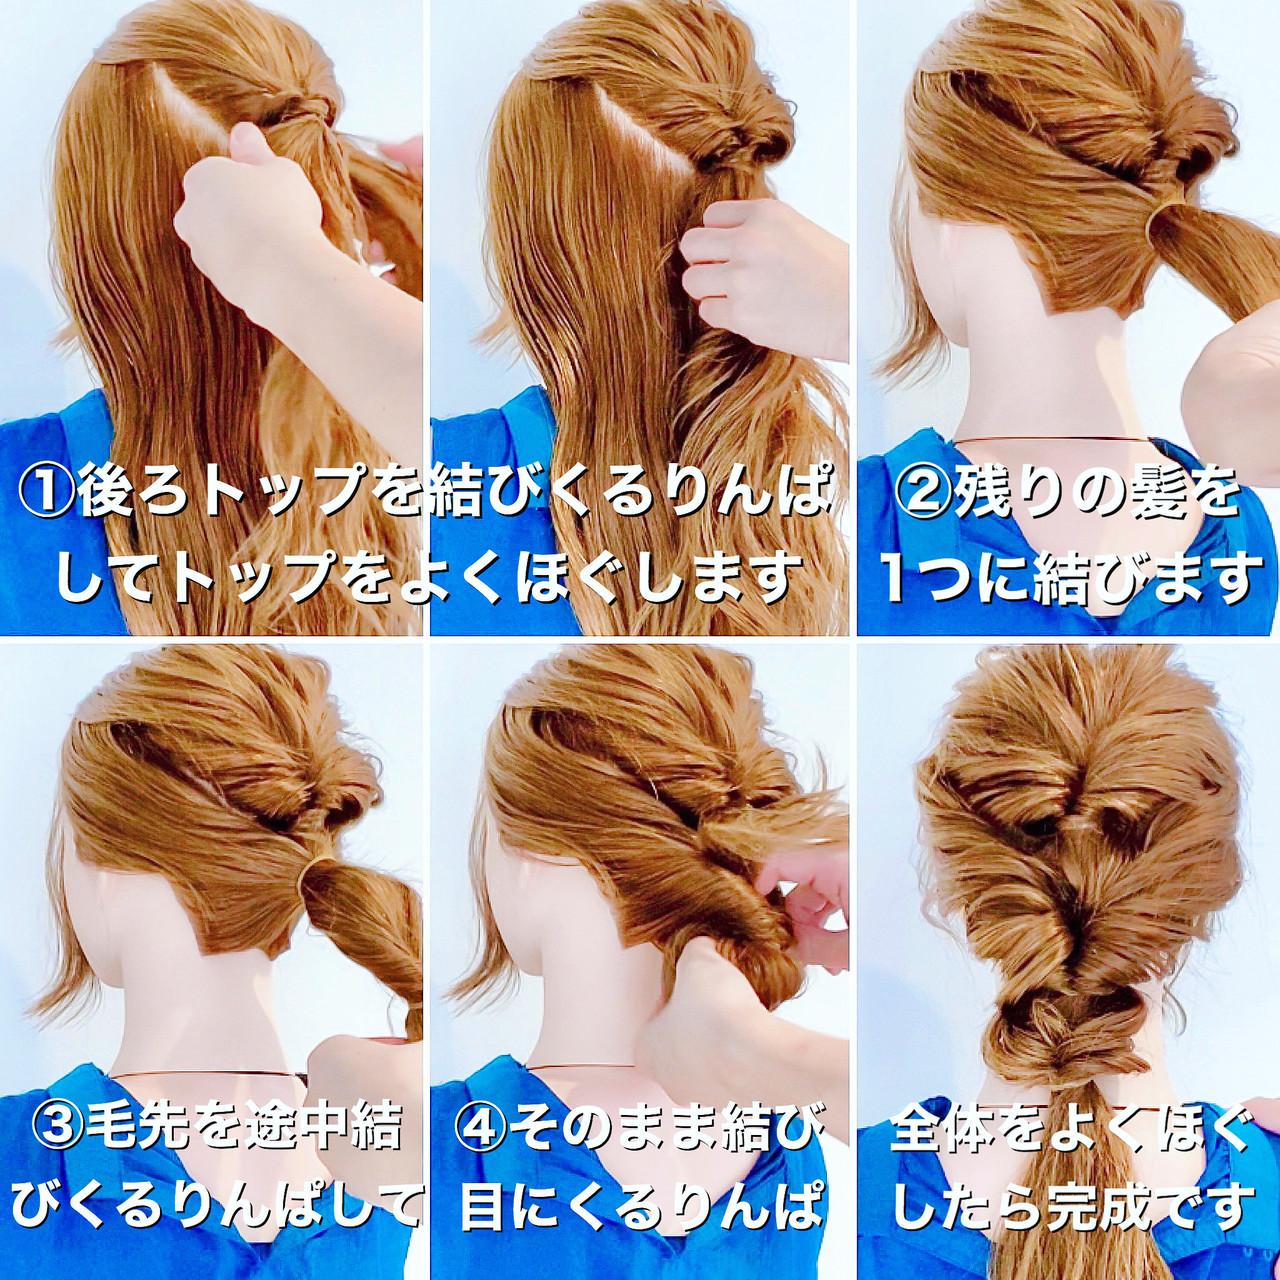 くるりんぱ エレガント 簡単ヘアアレンジ ヘアセット ヘアスタイルや髪型の写真・画像